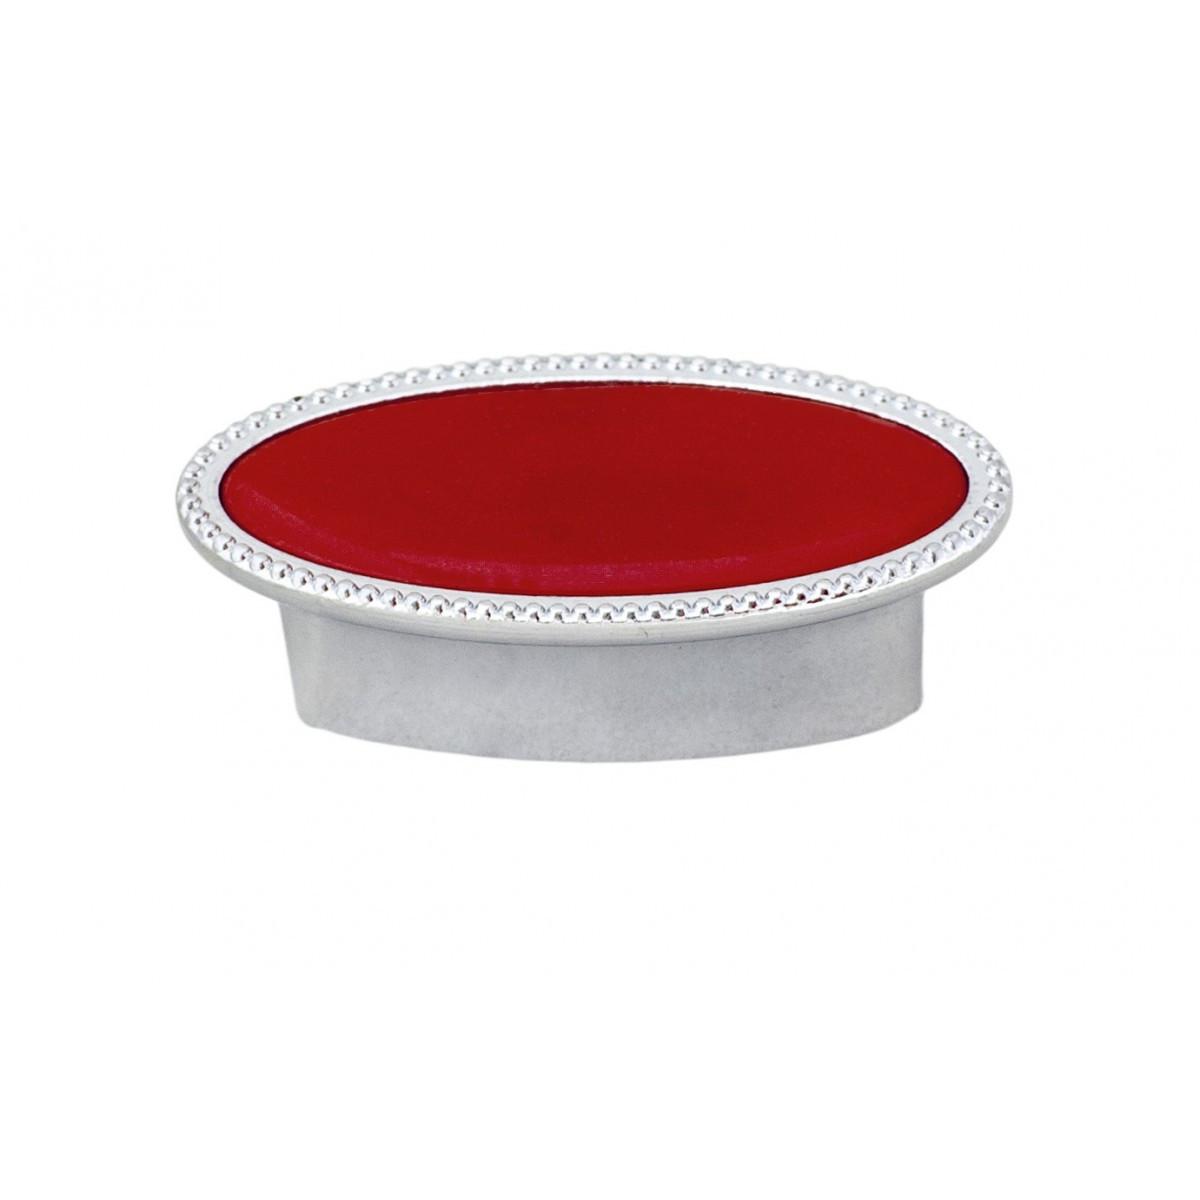 Ручка мебельная Ozkardesler 32мм SELVI DUGME 6085-06/038 Хром-Красная